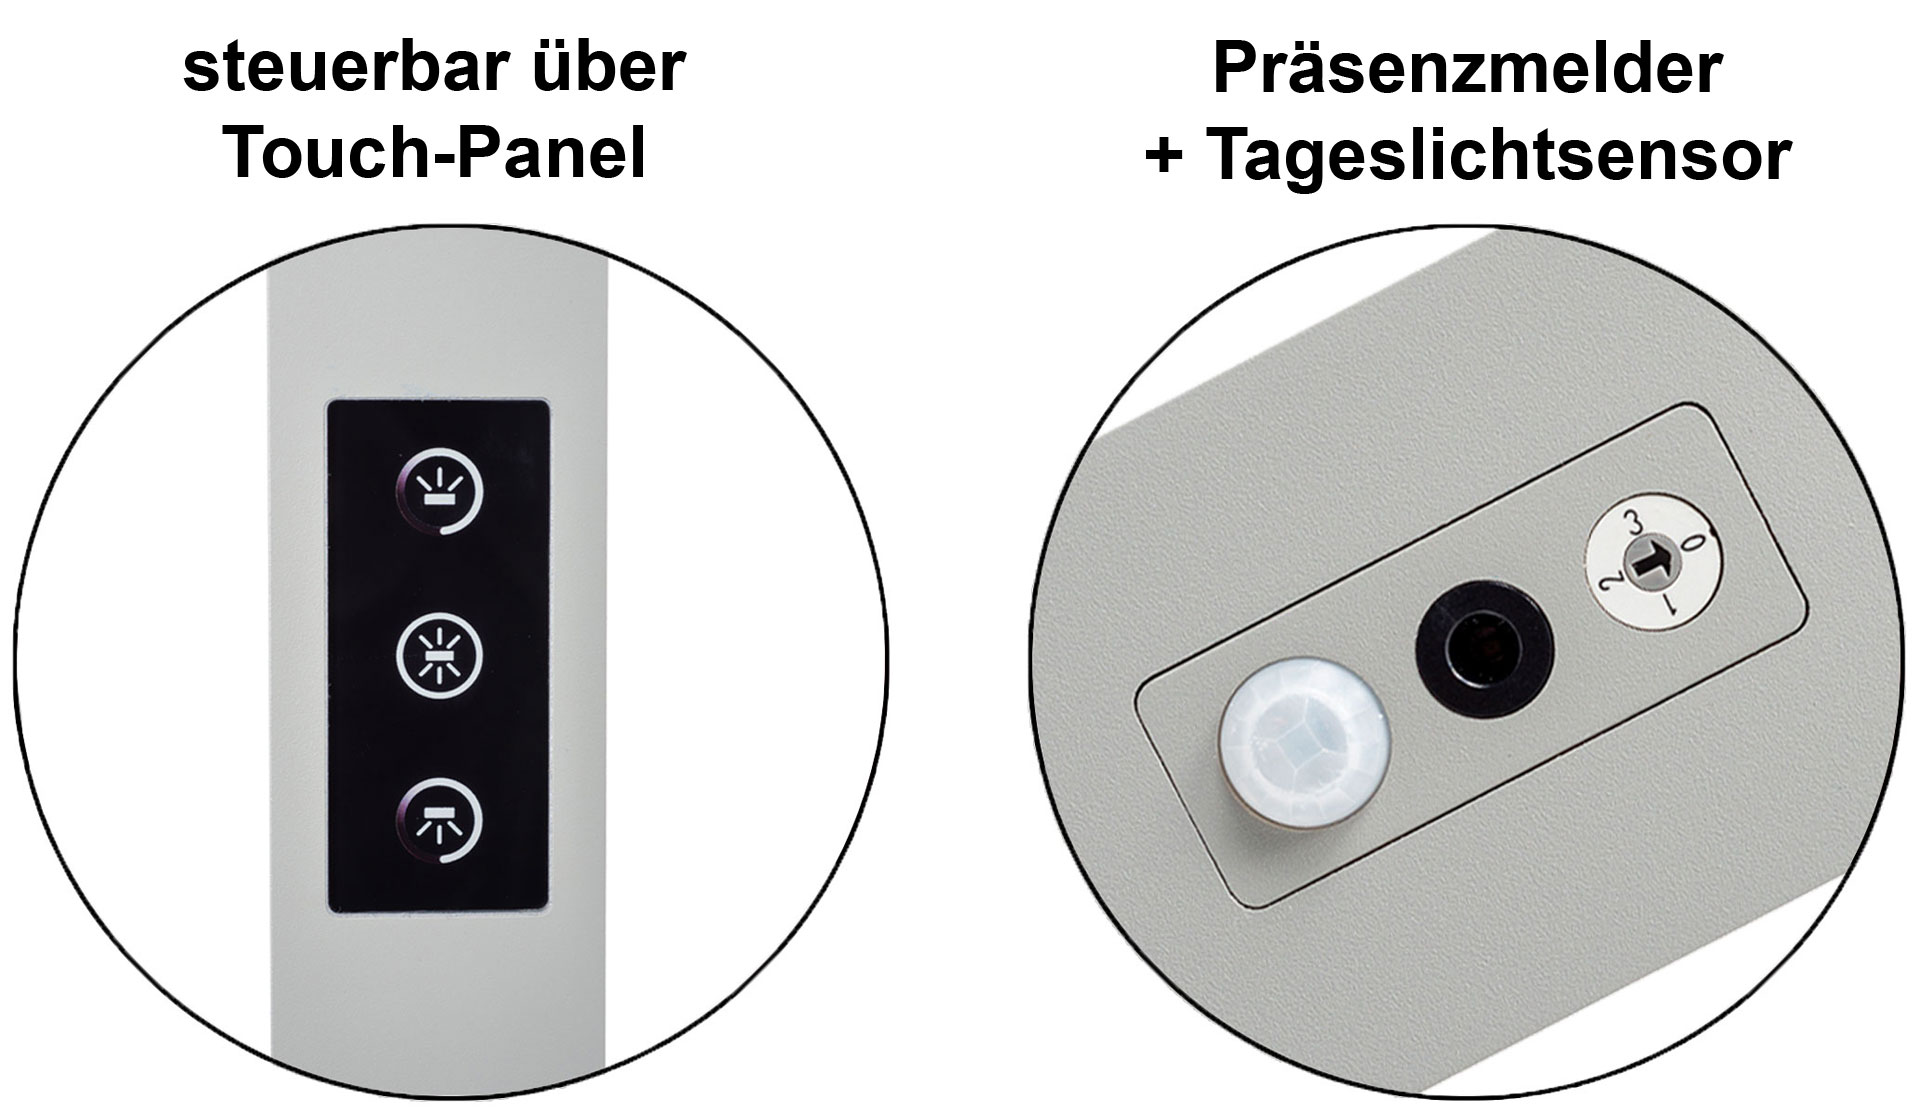 LEDAXO LED-Stehleuchte n/Arbeitsplatzleuchten einstellbar über Touch-Panel und inkl. Präsenzmelder + Tageslichtsensor